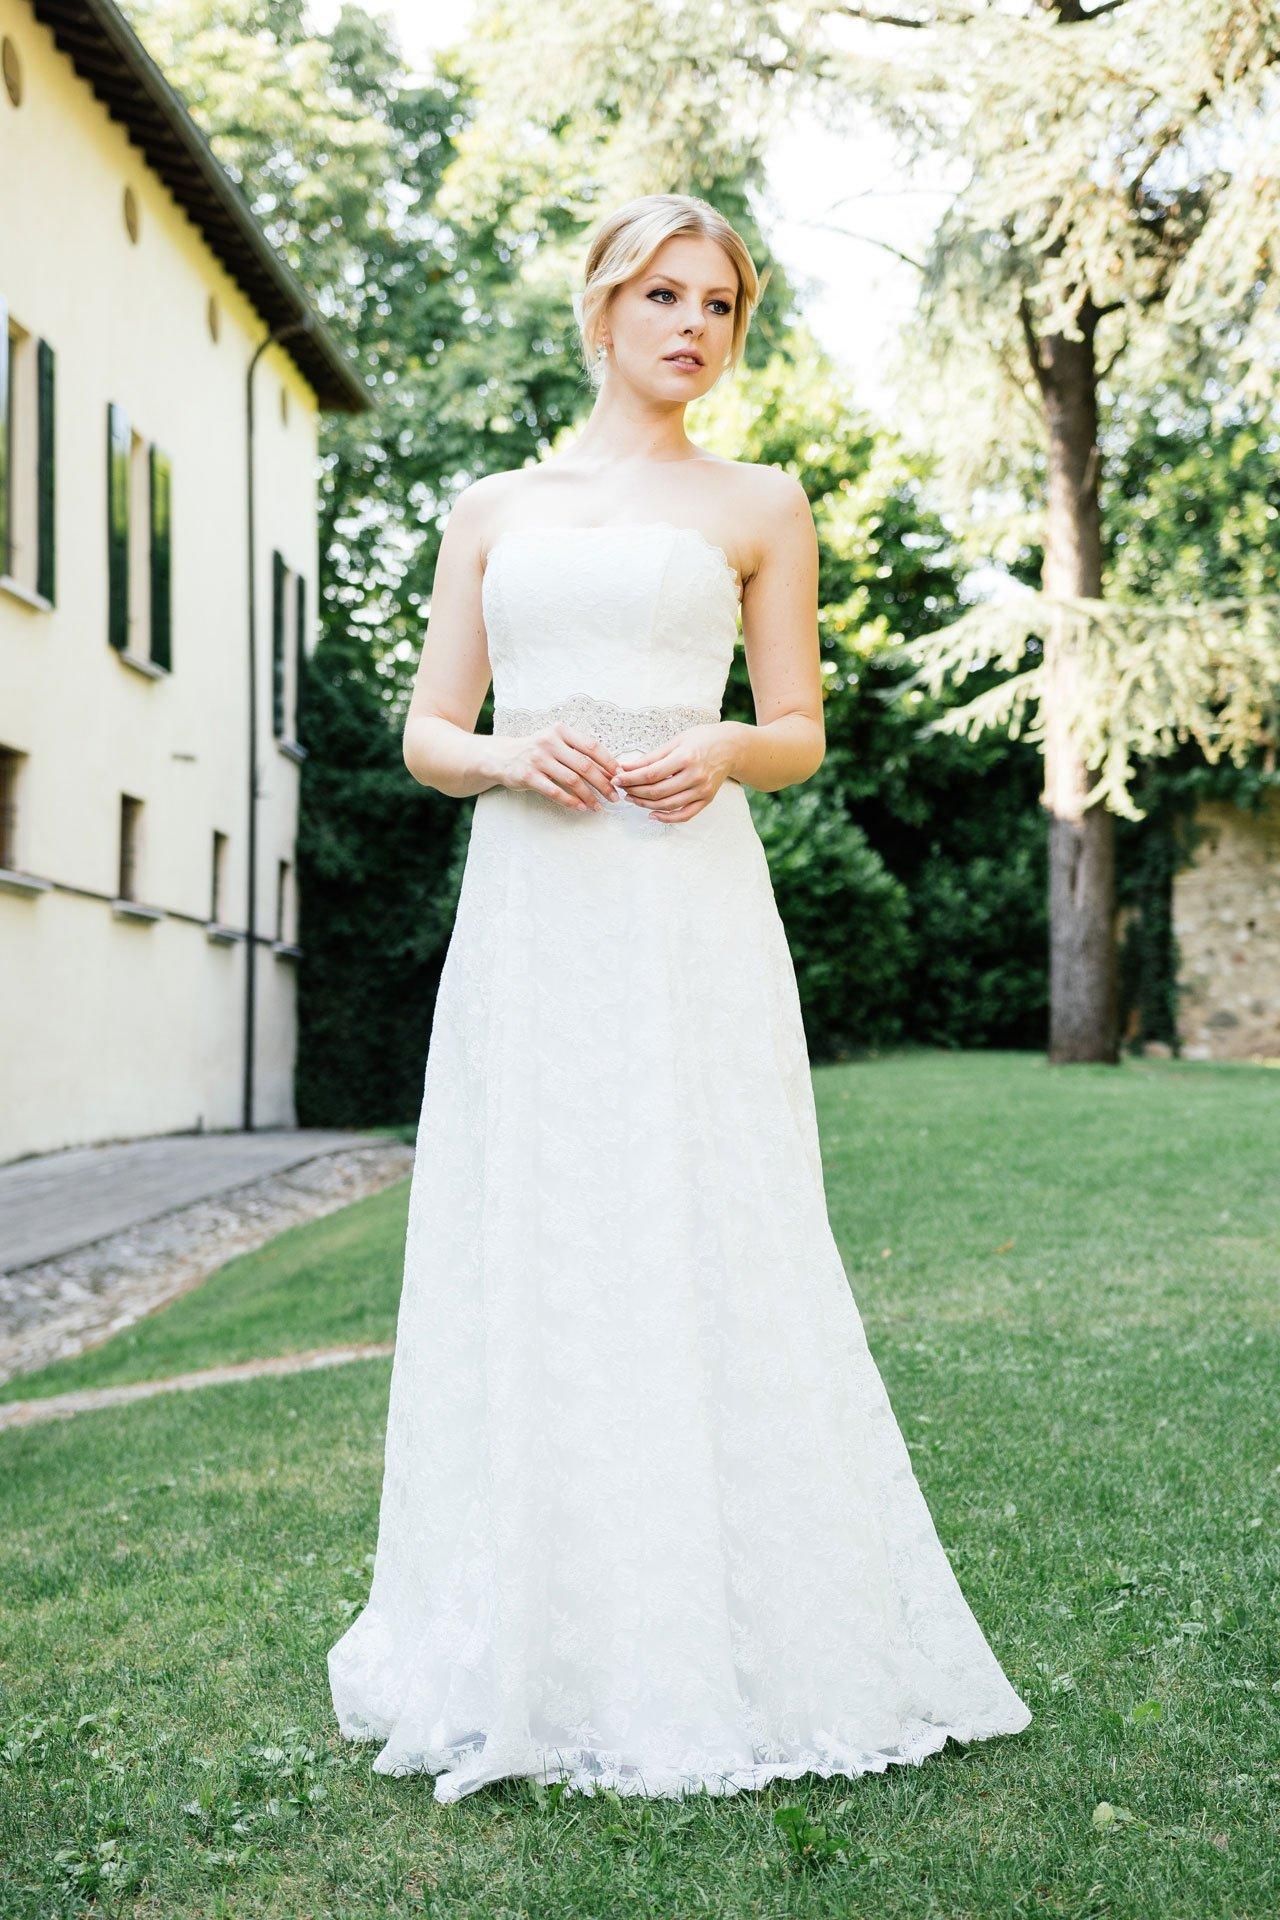 Ziemlich Passende Form Hochzeitskleid Zeitgenössisch - Brautkleider ...